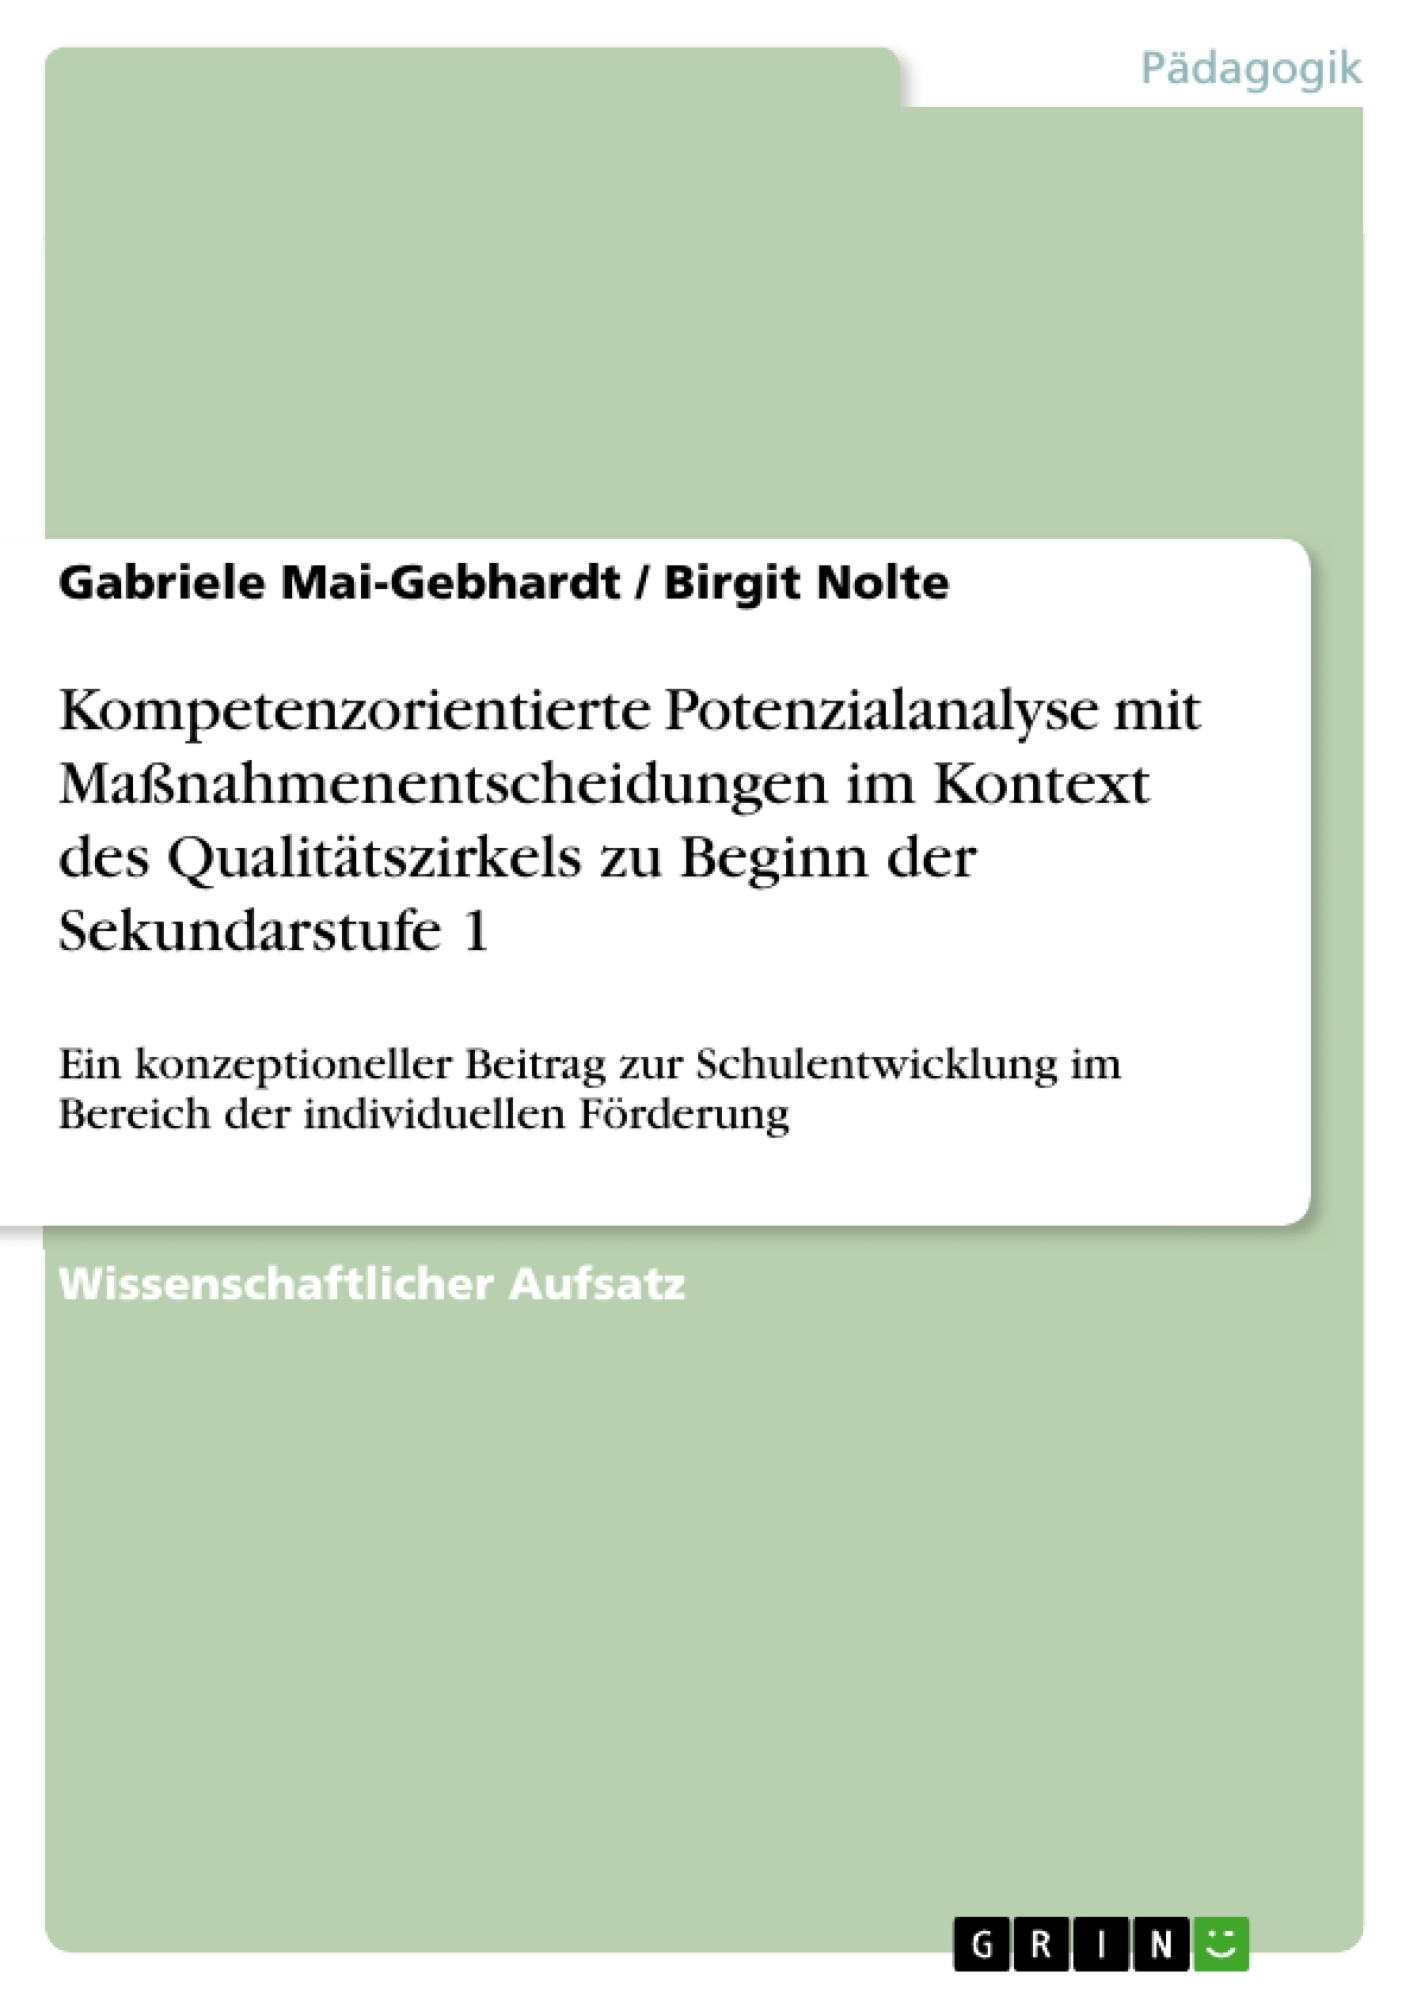 Titel: Kompetenzorientierte Potenzialanalyse mit Maßnahmenentscheidungen im Kontext des Qualitätszirkels zu Beginn der Sekundarstufe 1